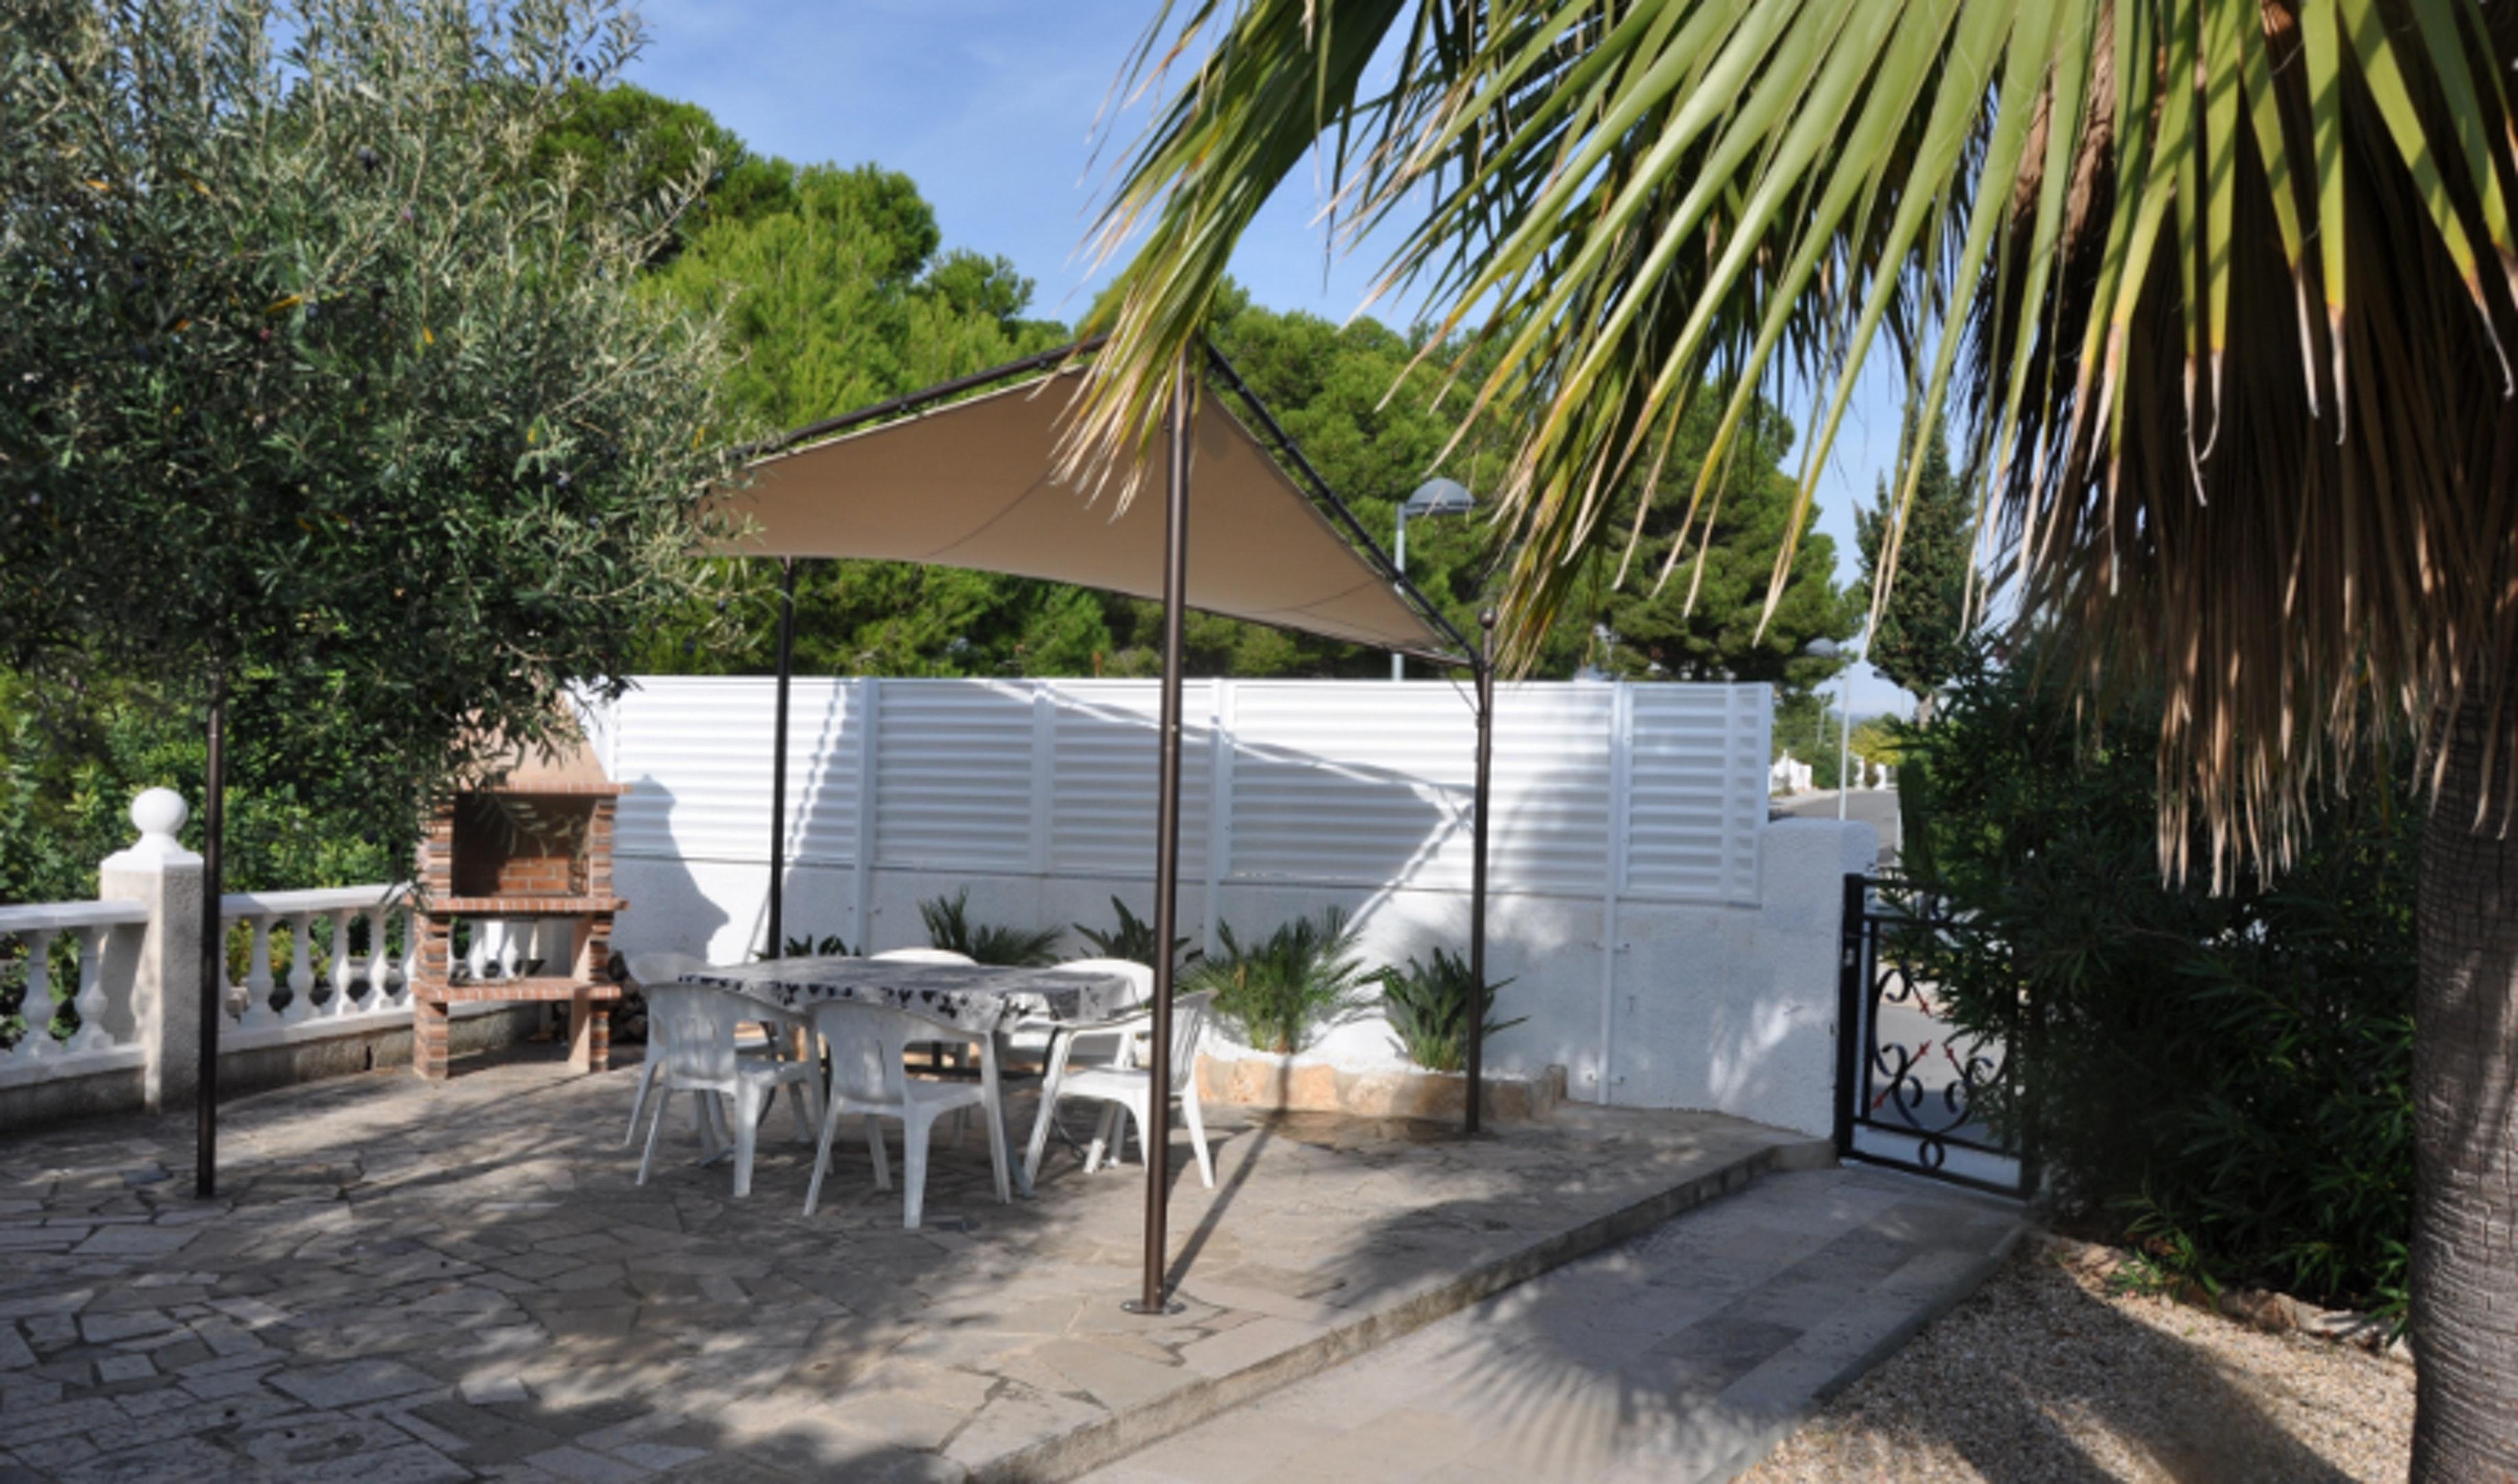 Maison de vacances Villa mit 3 Schlafzimmern in Ampolla mit herrlichem Meerblick, privatem Pool, möbliertem G (2201036), L'Ampolla, Costa Dorada, Catalogne, Espagne, image 6